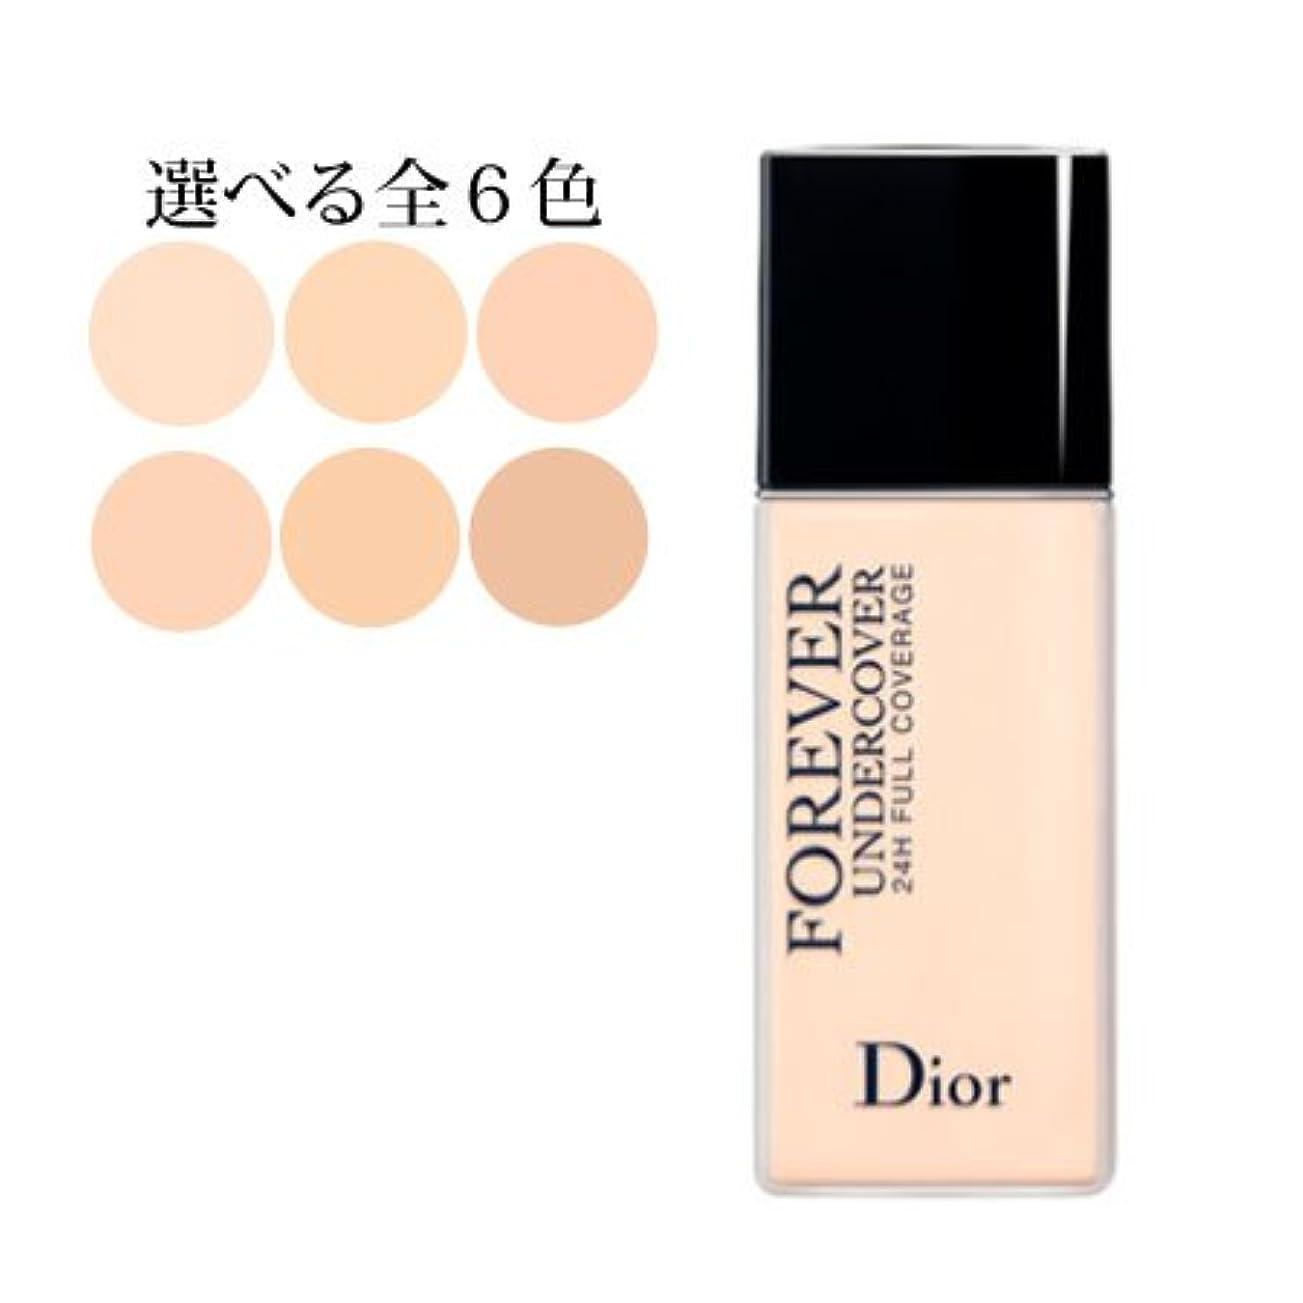 エスニックカリキュラムエレクトロニックディオールスキン フォーエヴァー アンダーカバー 選べる6色 -Dior- 020